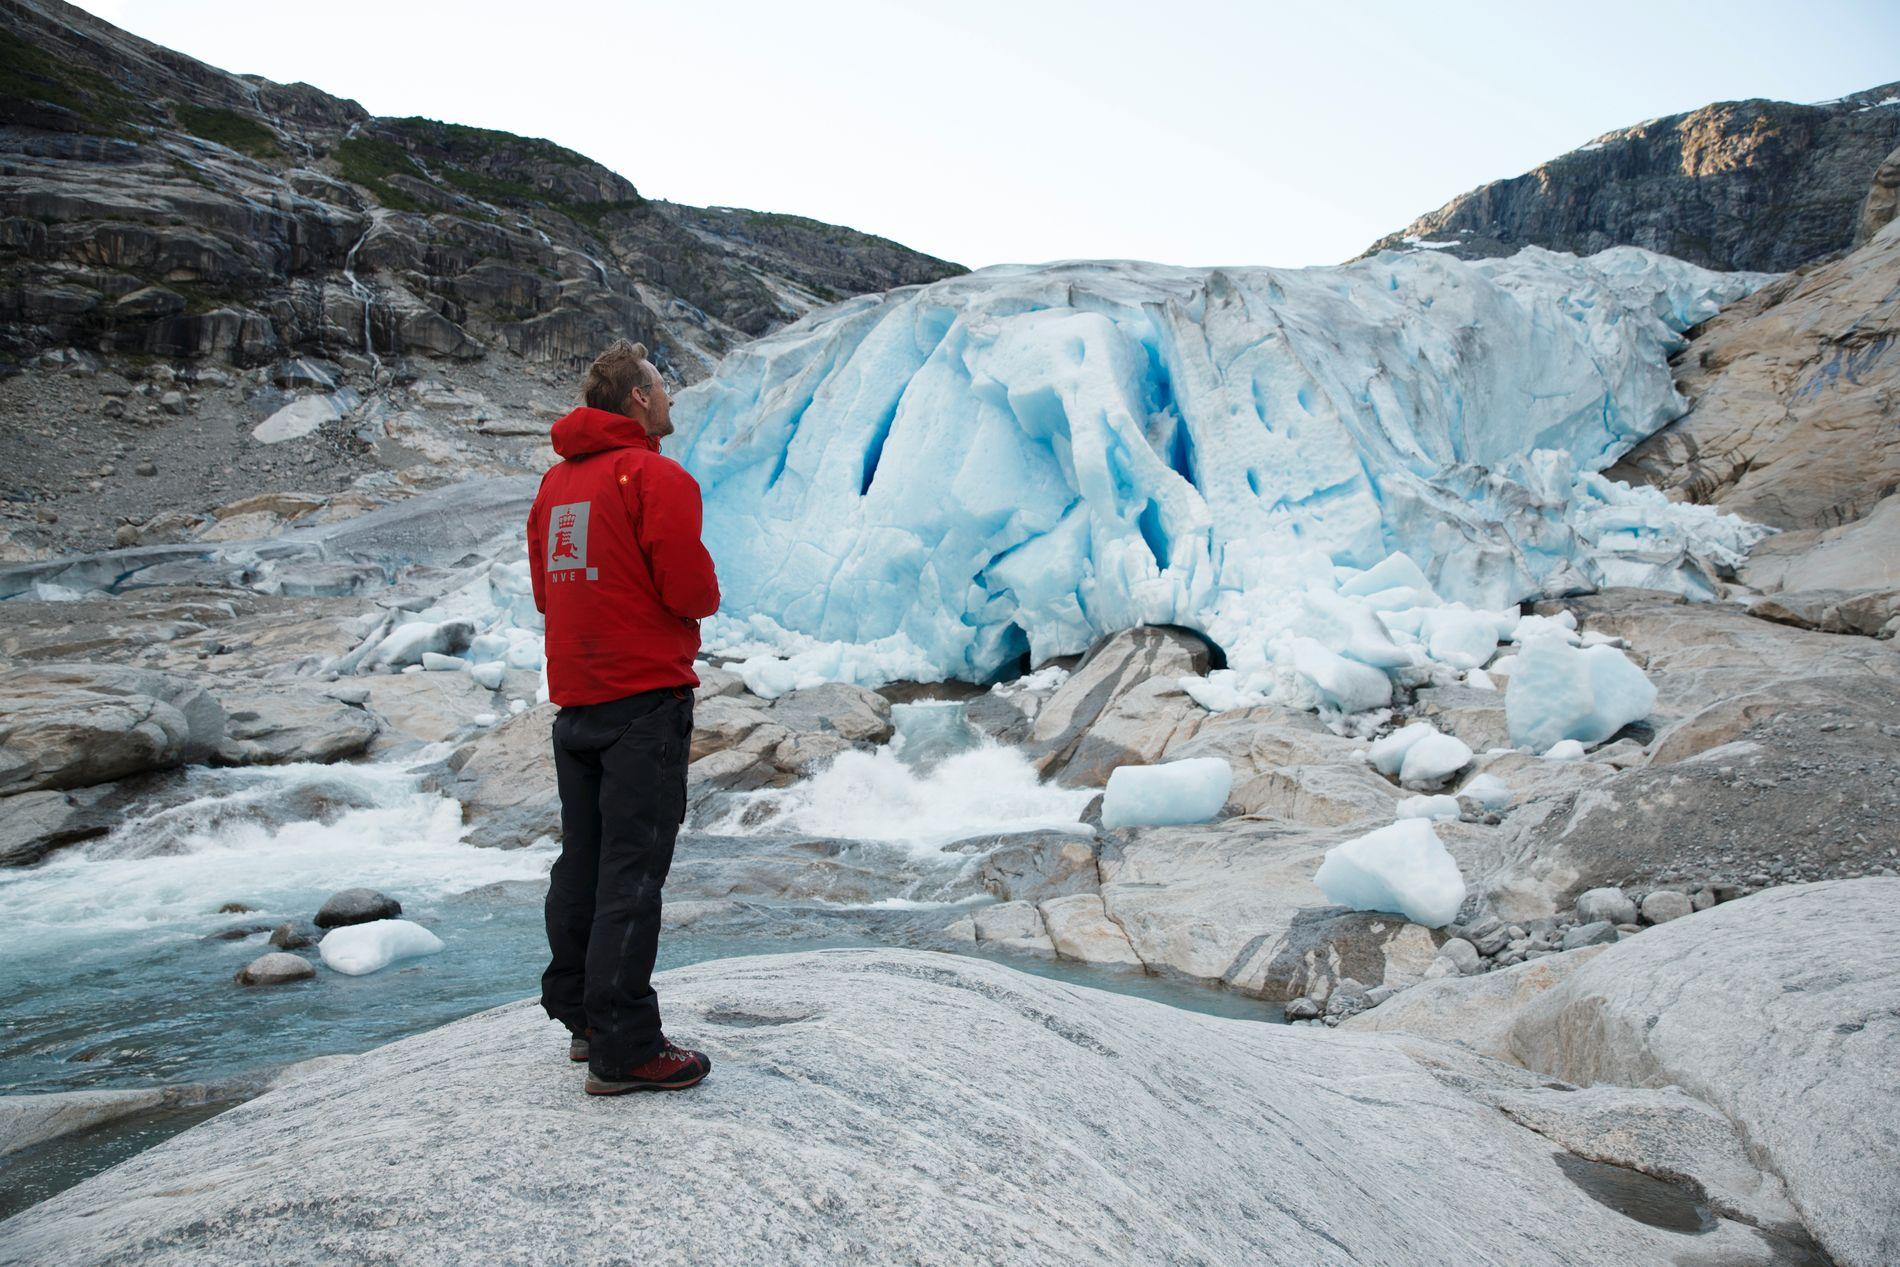 BREENE BLIR MINDRE: Hallgeir Elvehøy, senioringeniør i NVE tar målinger på Nigardsbreen, som er en brearm av Jostedalsbreen. På 3 år har den trekt seg tilbake 130 meter.